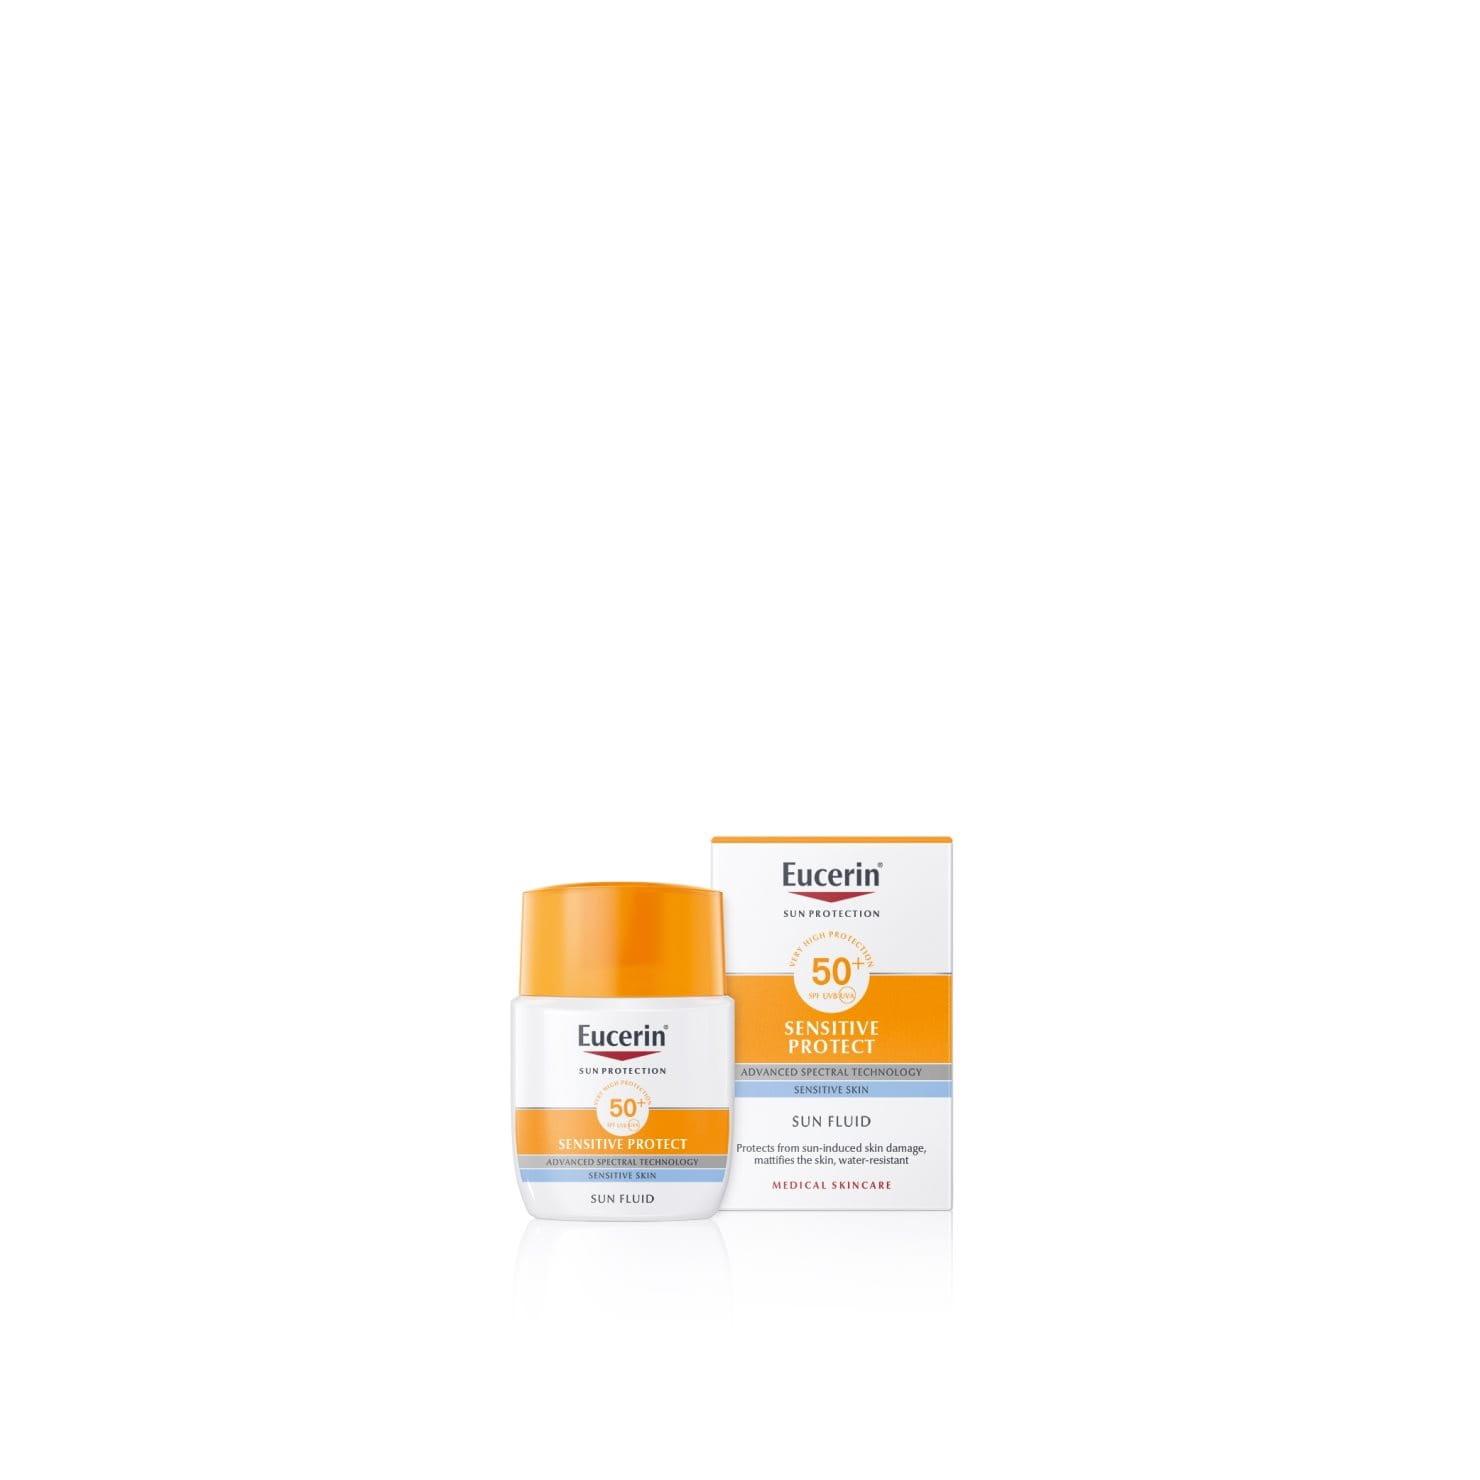 Eucerin Sun Fluid Sensitive Protect SPF50+